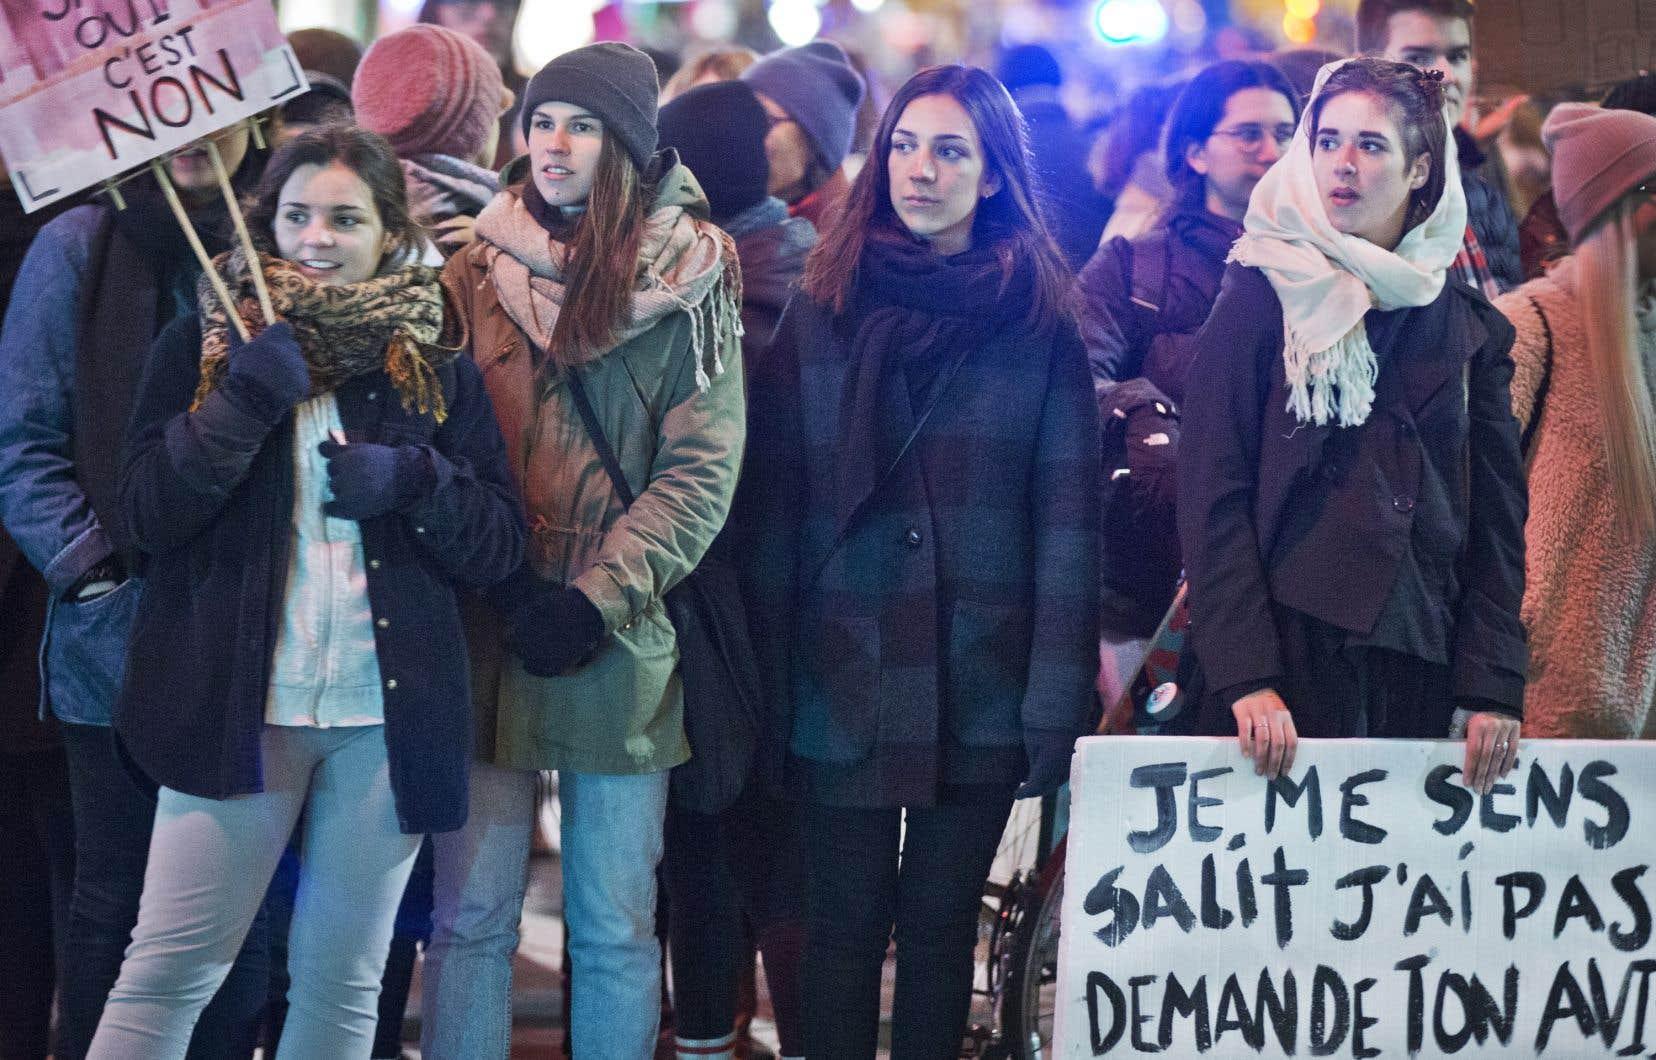 «Dans la foulée de mouvements tels que #MoiAussi, il est devenu moins difficile de dénoncer des agressions qu'il y a 20 ou 40ans», affirme l'auteur.